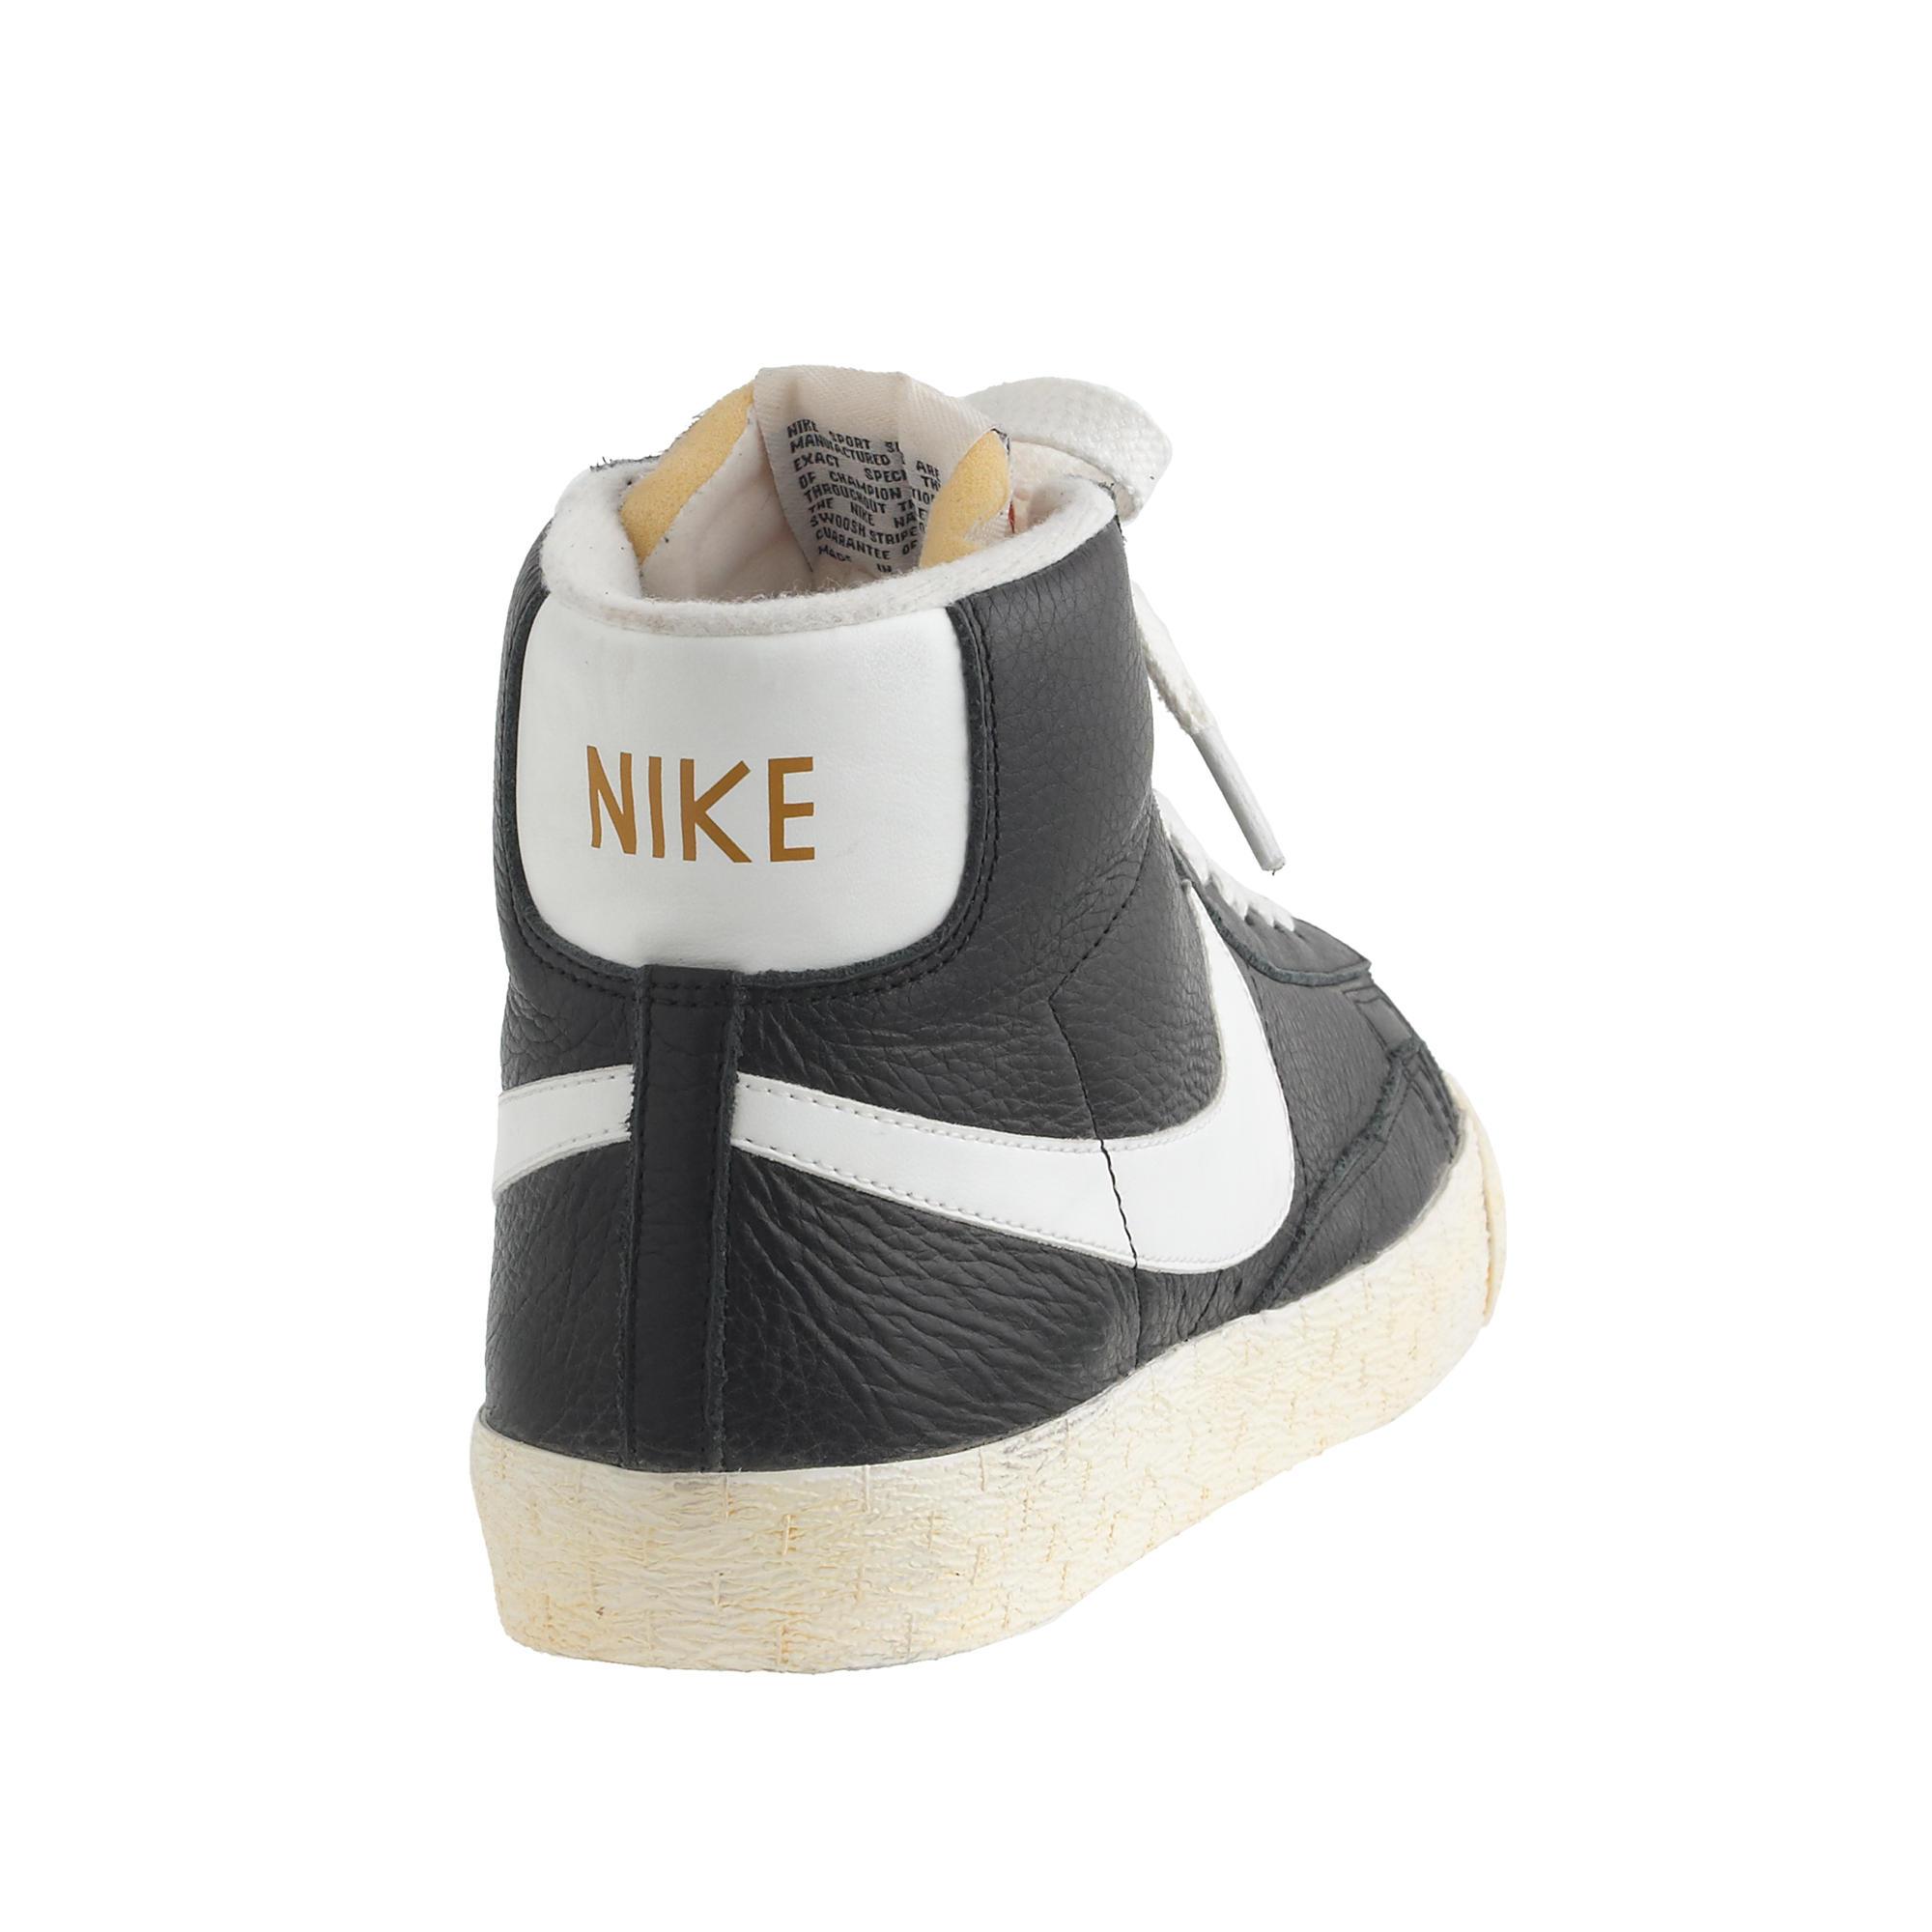 98368c6849 ... Lyst - J.Crew Women s Nike Blazer Mid Vintage Sneakers In Black in  Black ...